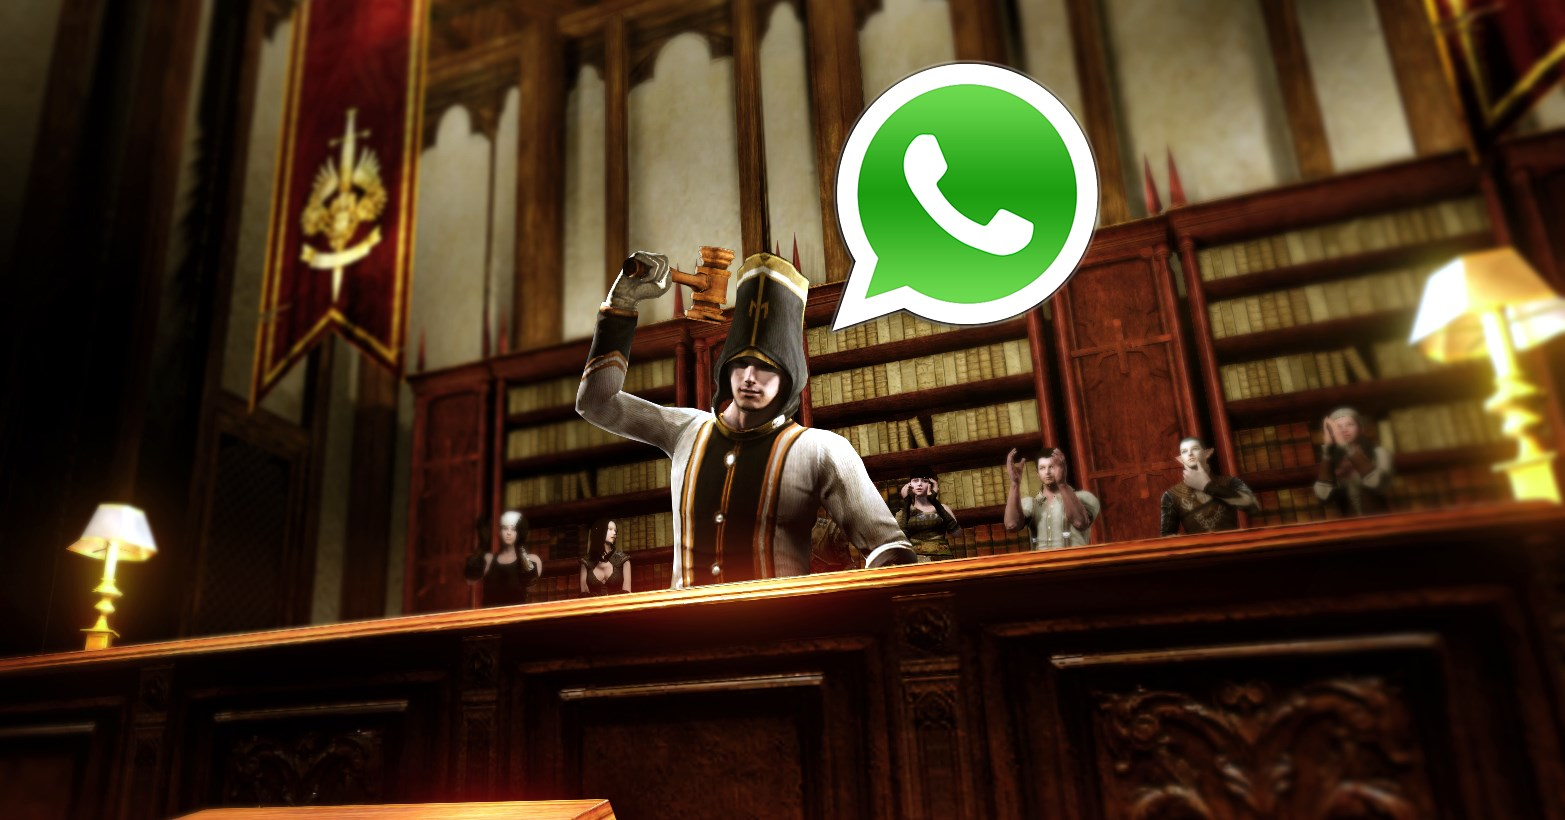 WhatsApp Gerichtsurteil: Ist es illegal, drohen Abmahnungen?